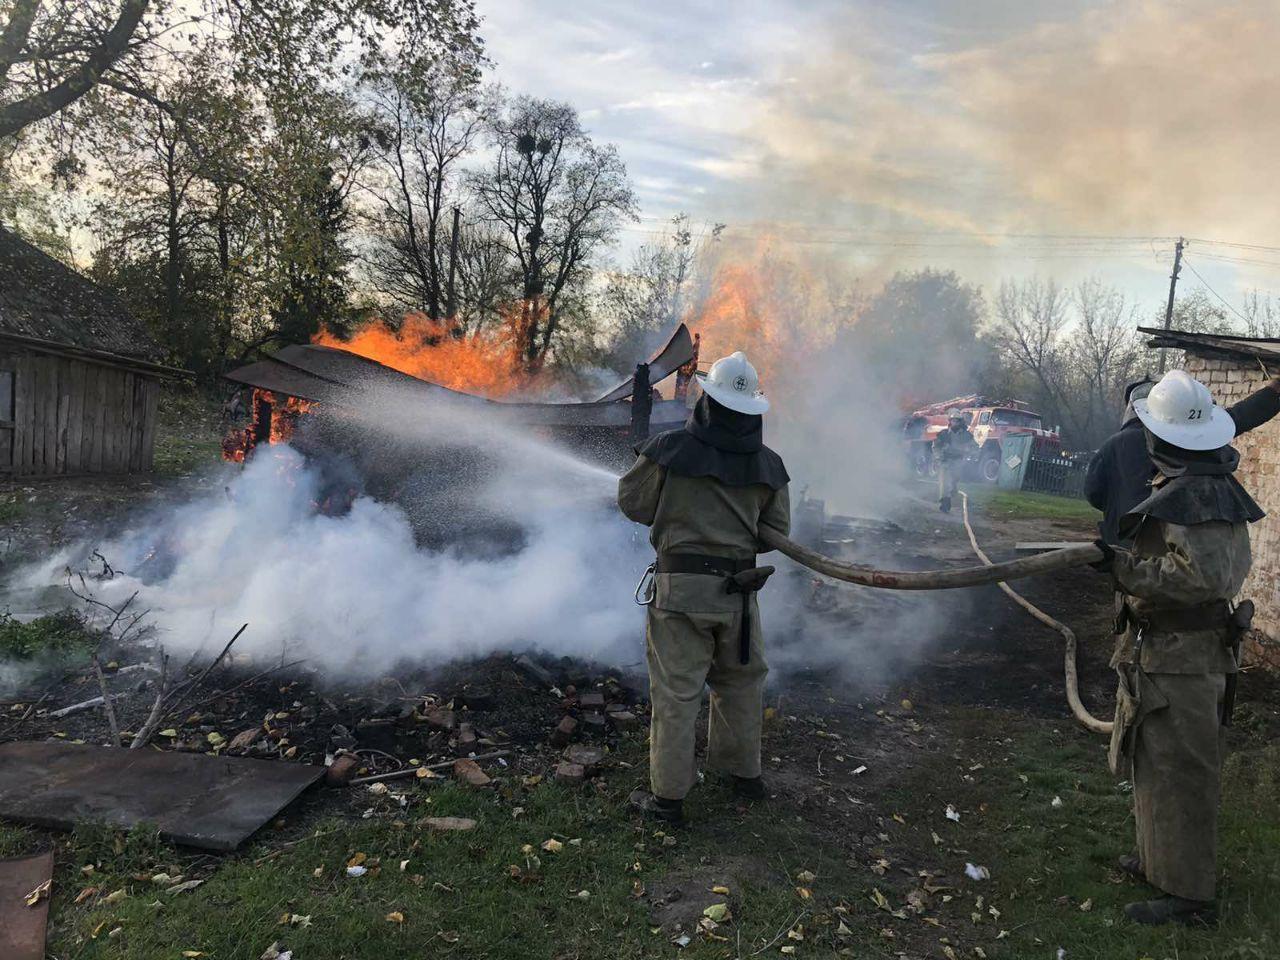 В частном домовладении сгорел сарай с дровами (фото)